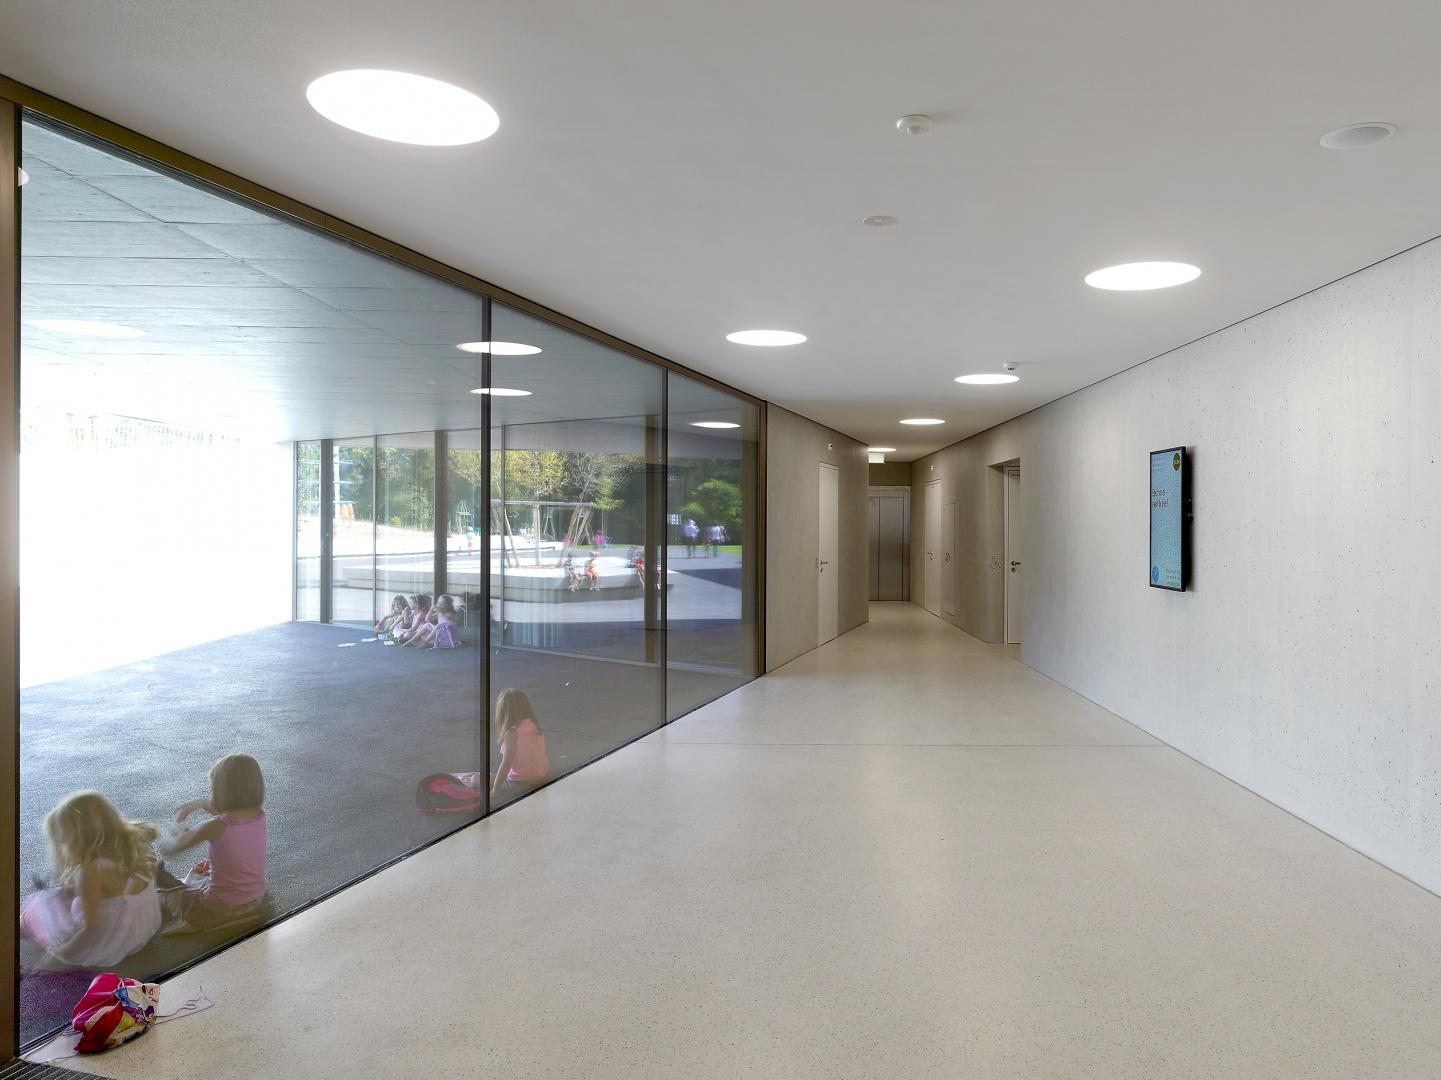 hall entrée école © Thomas Jantscher